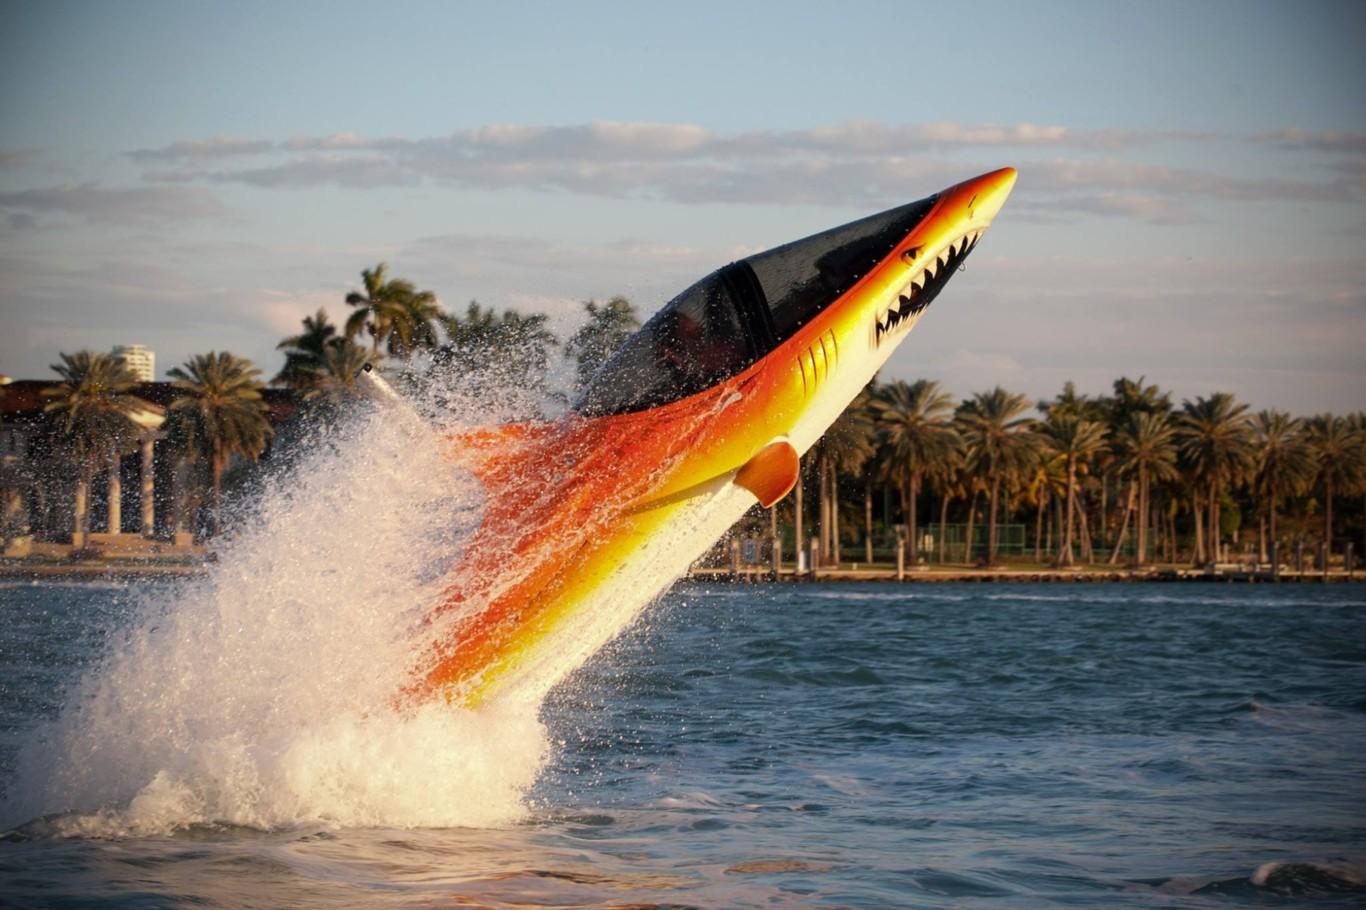 La espectacular moto acuática con aspecto de pez